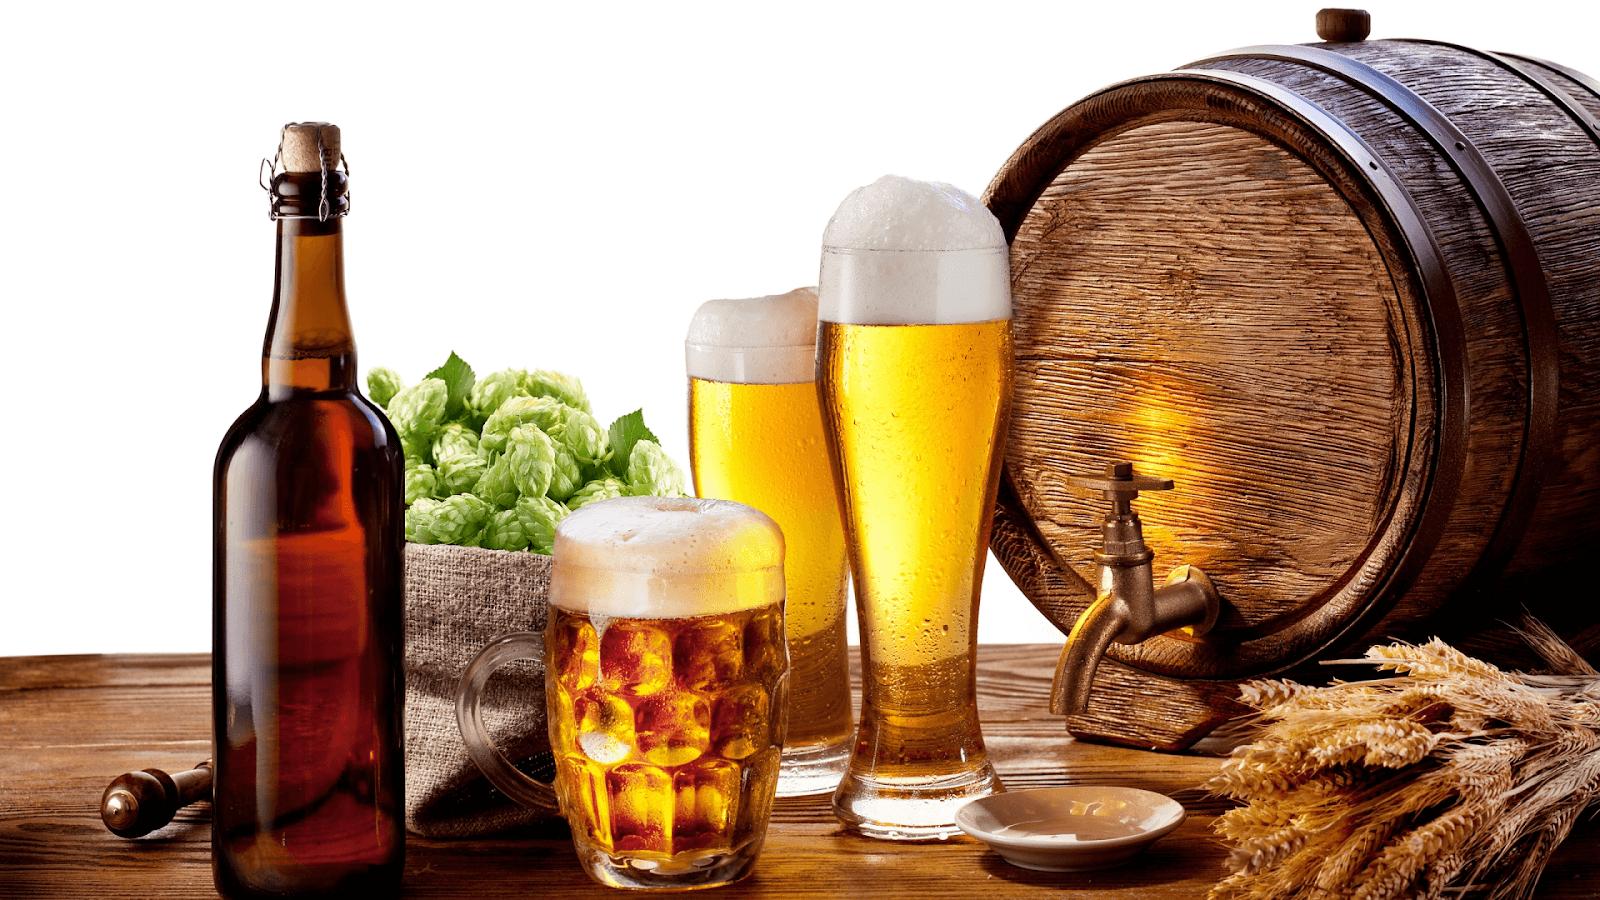 Rượu, bia, cà phê và các loại nước ngọt có ga